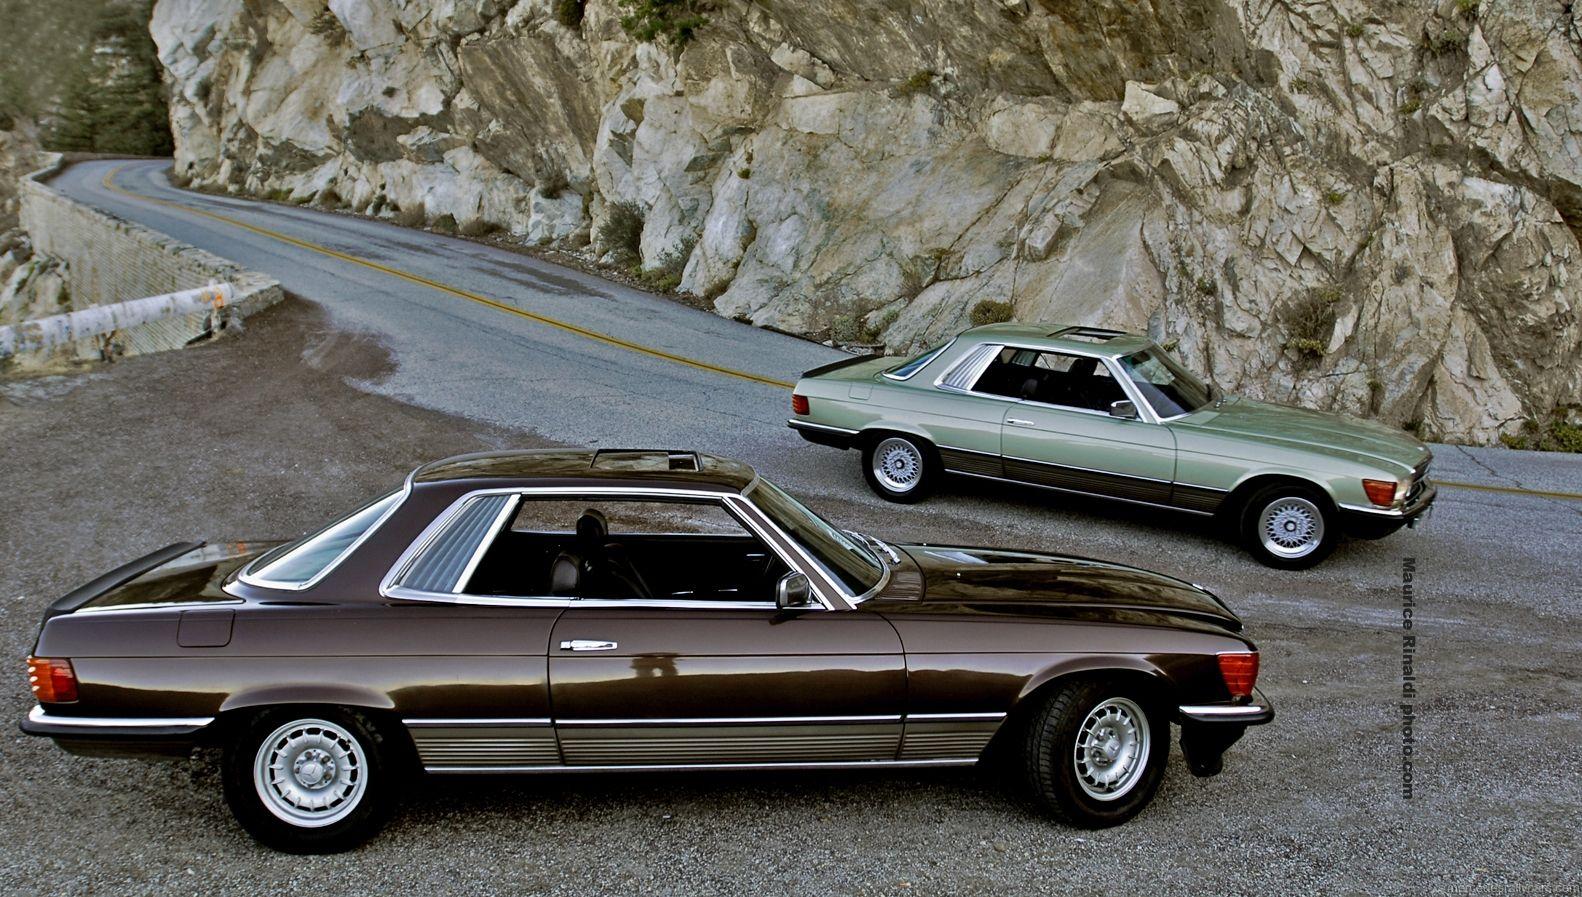 Mercedes benz 450 slc 5 0 de 1979 mercedes benz for Mercedes benz 450 slc